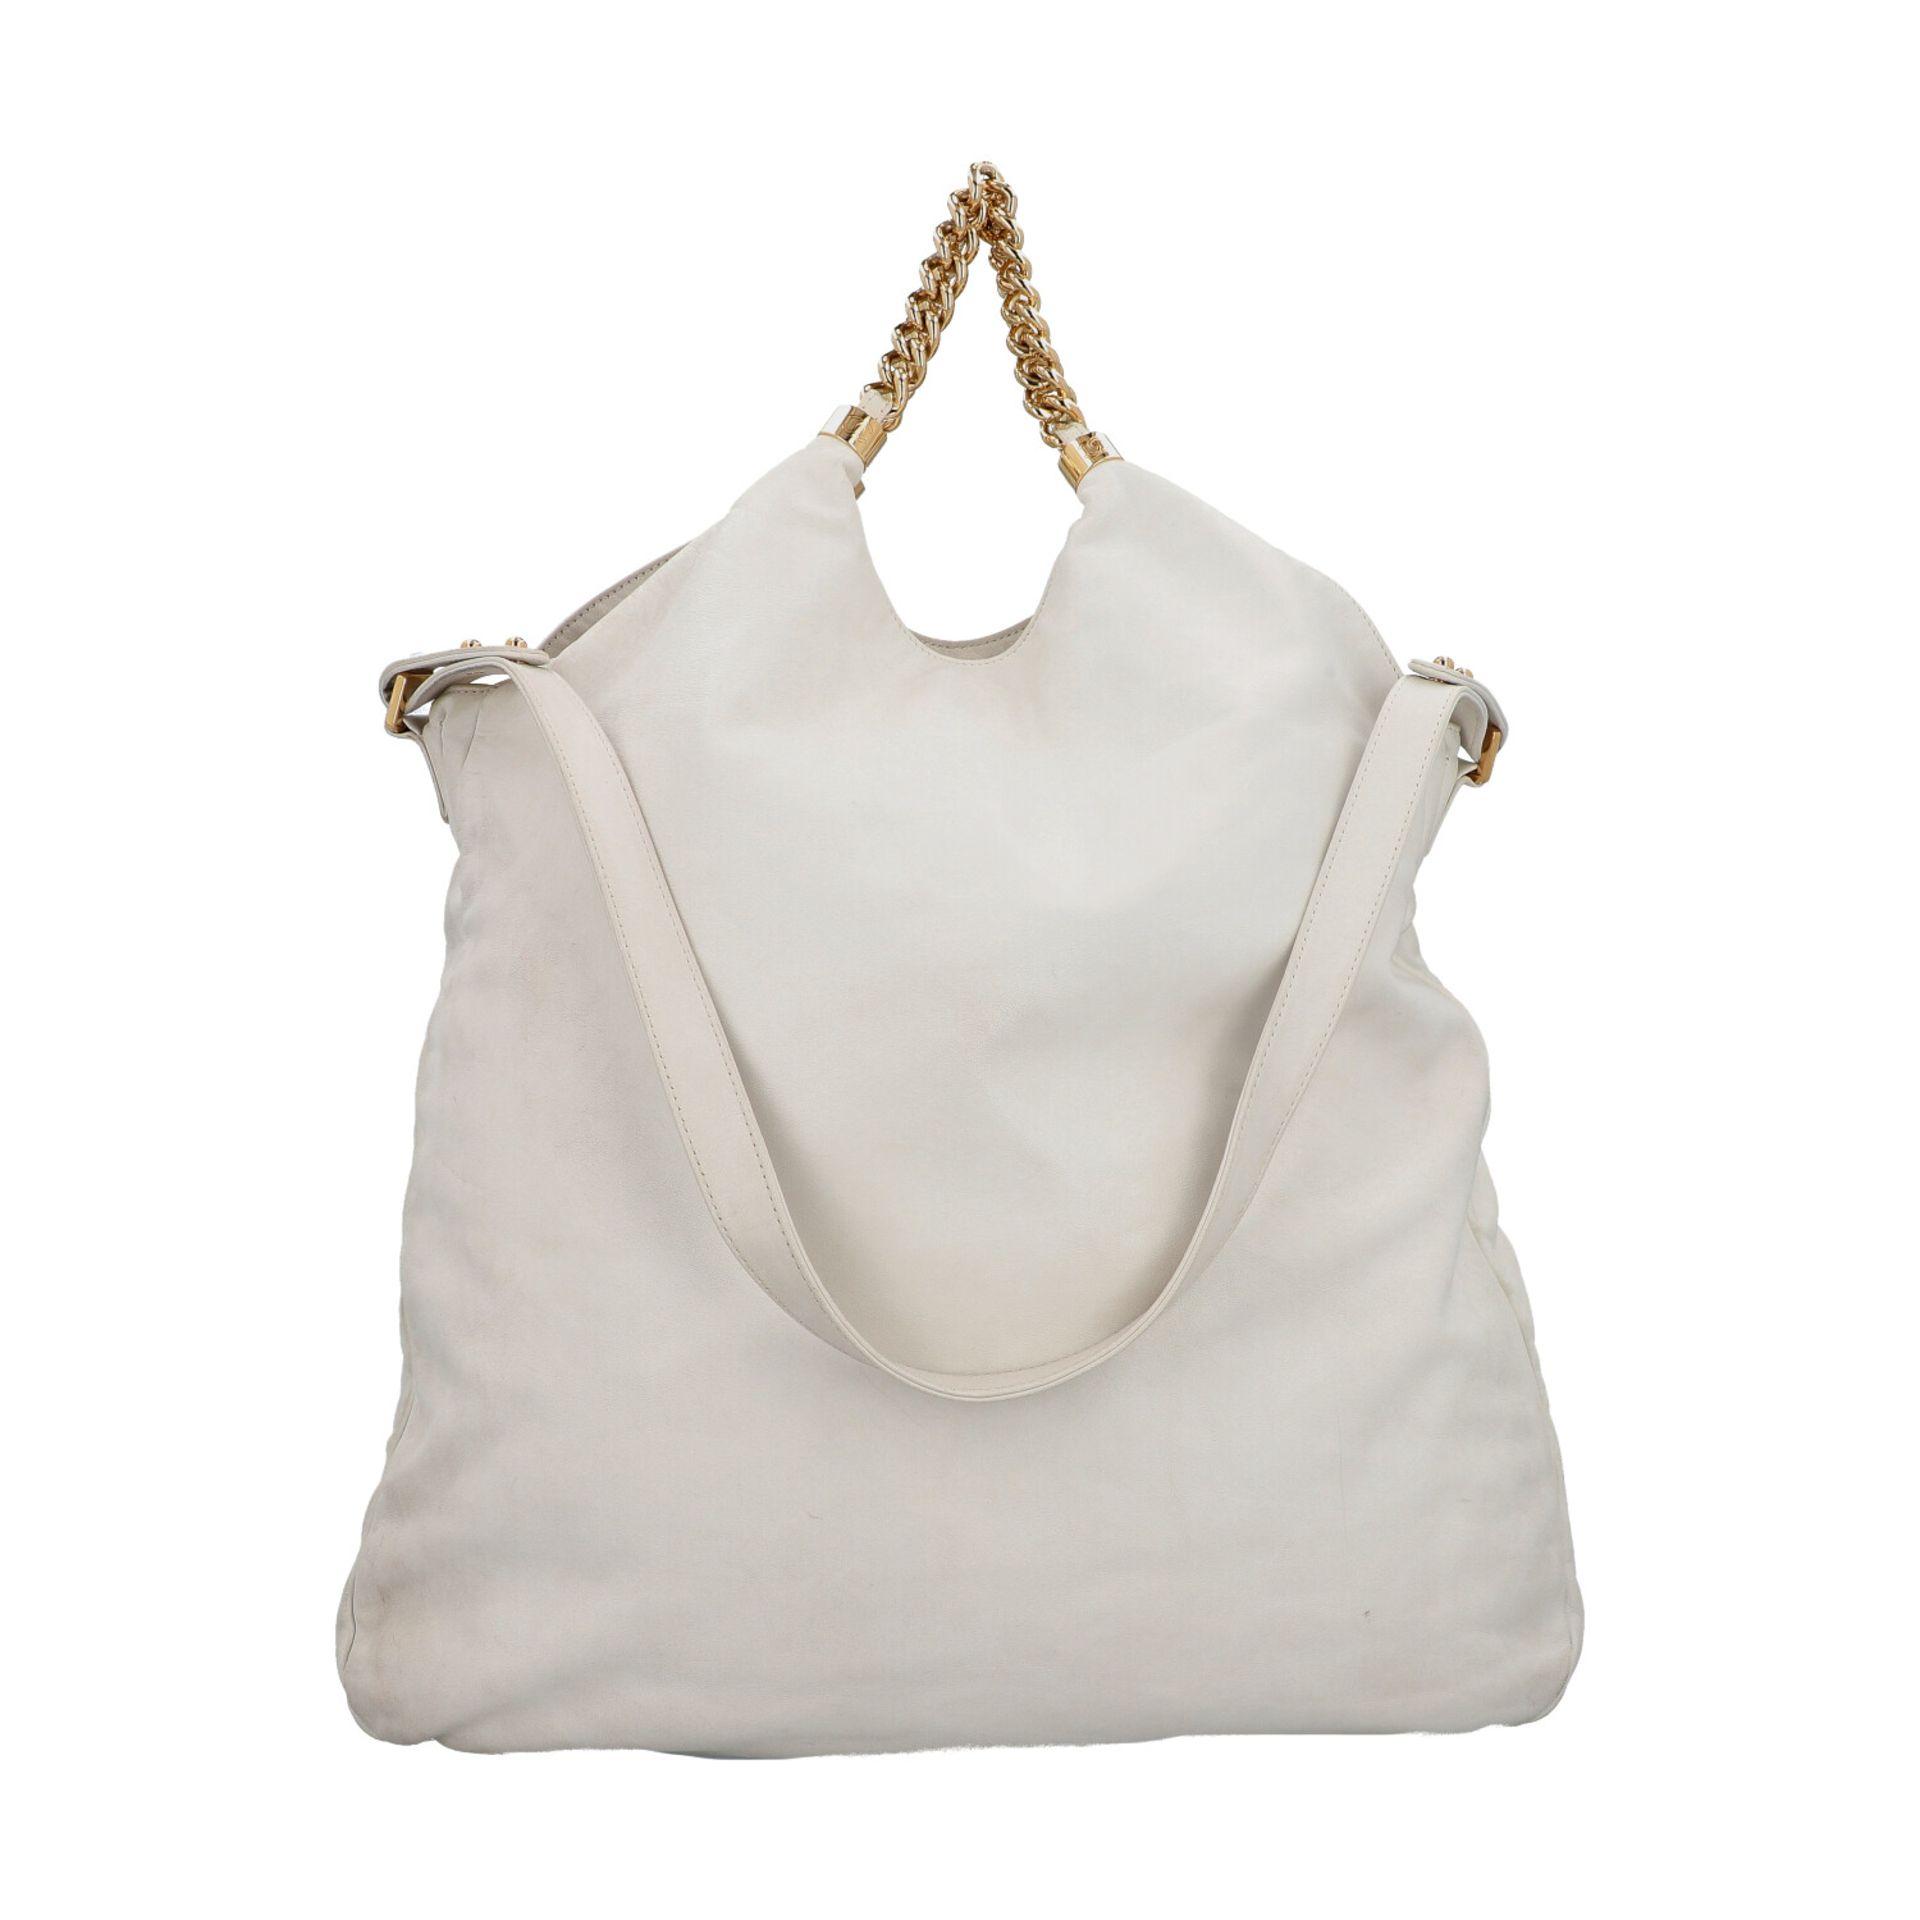 CHANEL Shoppertasche, Koll. 2006/2008.Hobo Bag aus weißem Leder mit goldfarbener Hardware, Front mit - Bild 4 aus 8